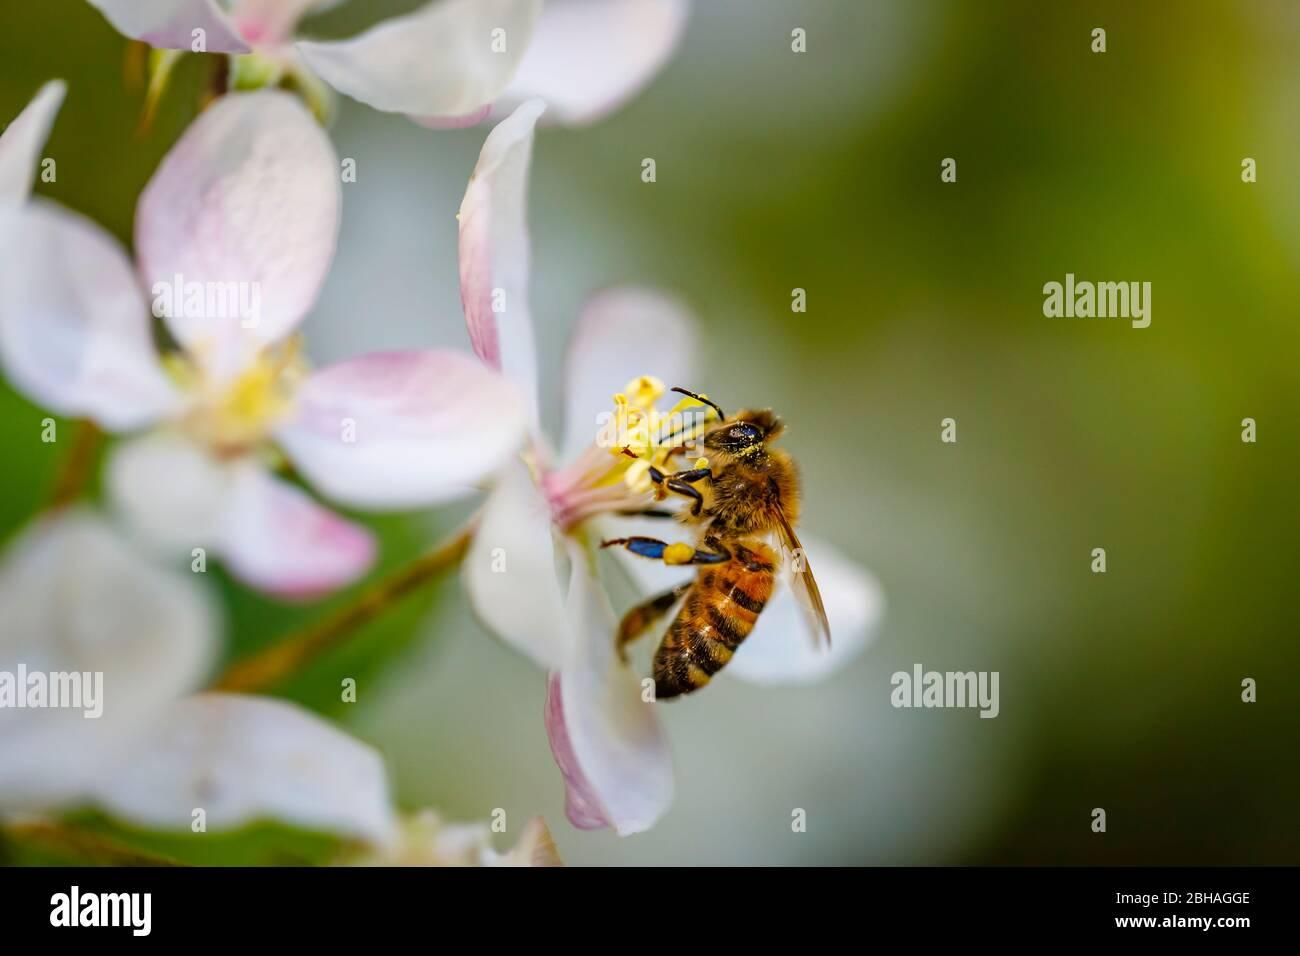 Minibeast: Una abeja melífera, Apis mellifera, recogiendo néctar y polen de los estambres de flor de manzano blanco en primavera, Surrey Foto de stock